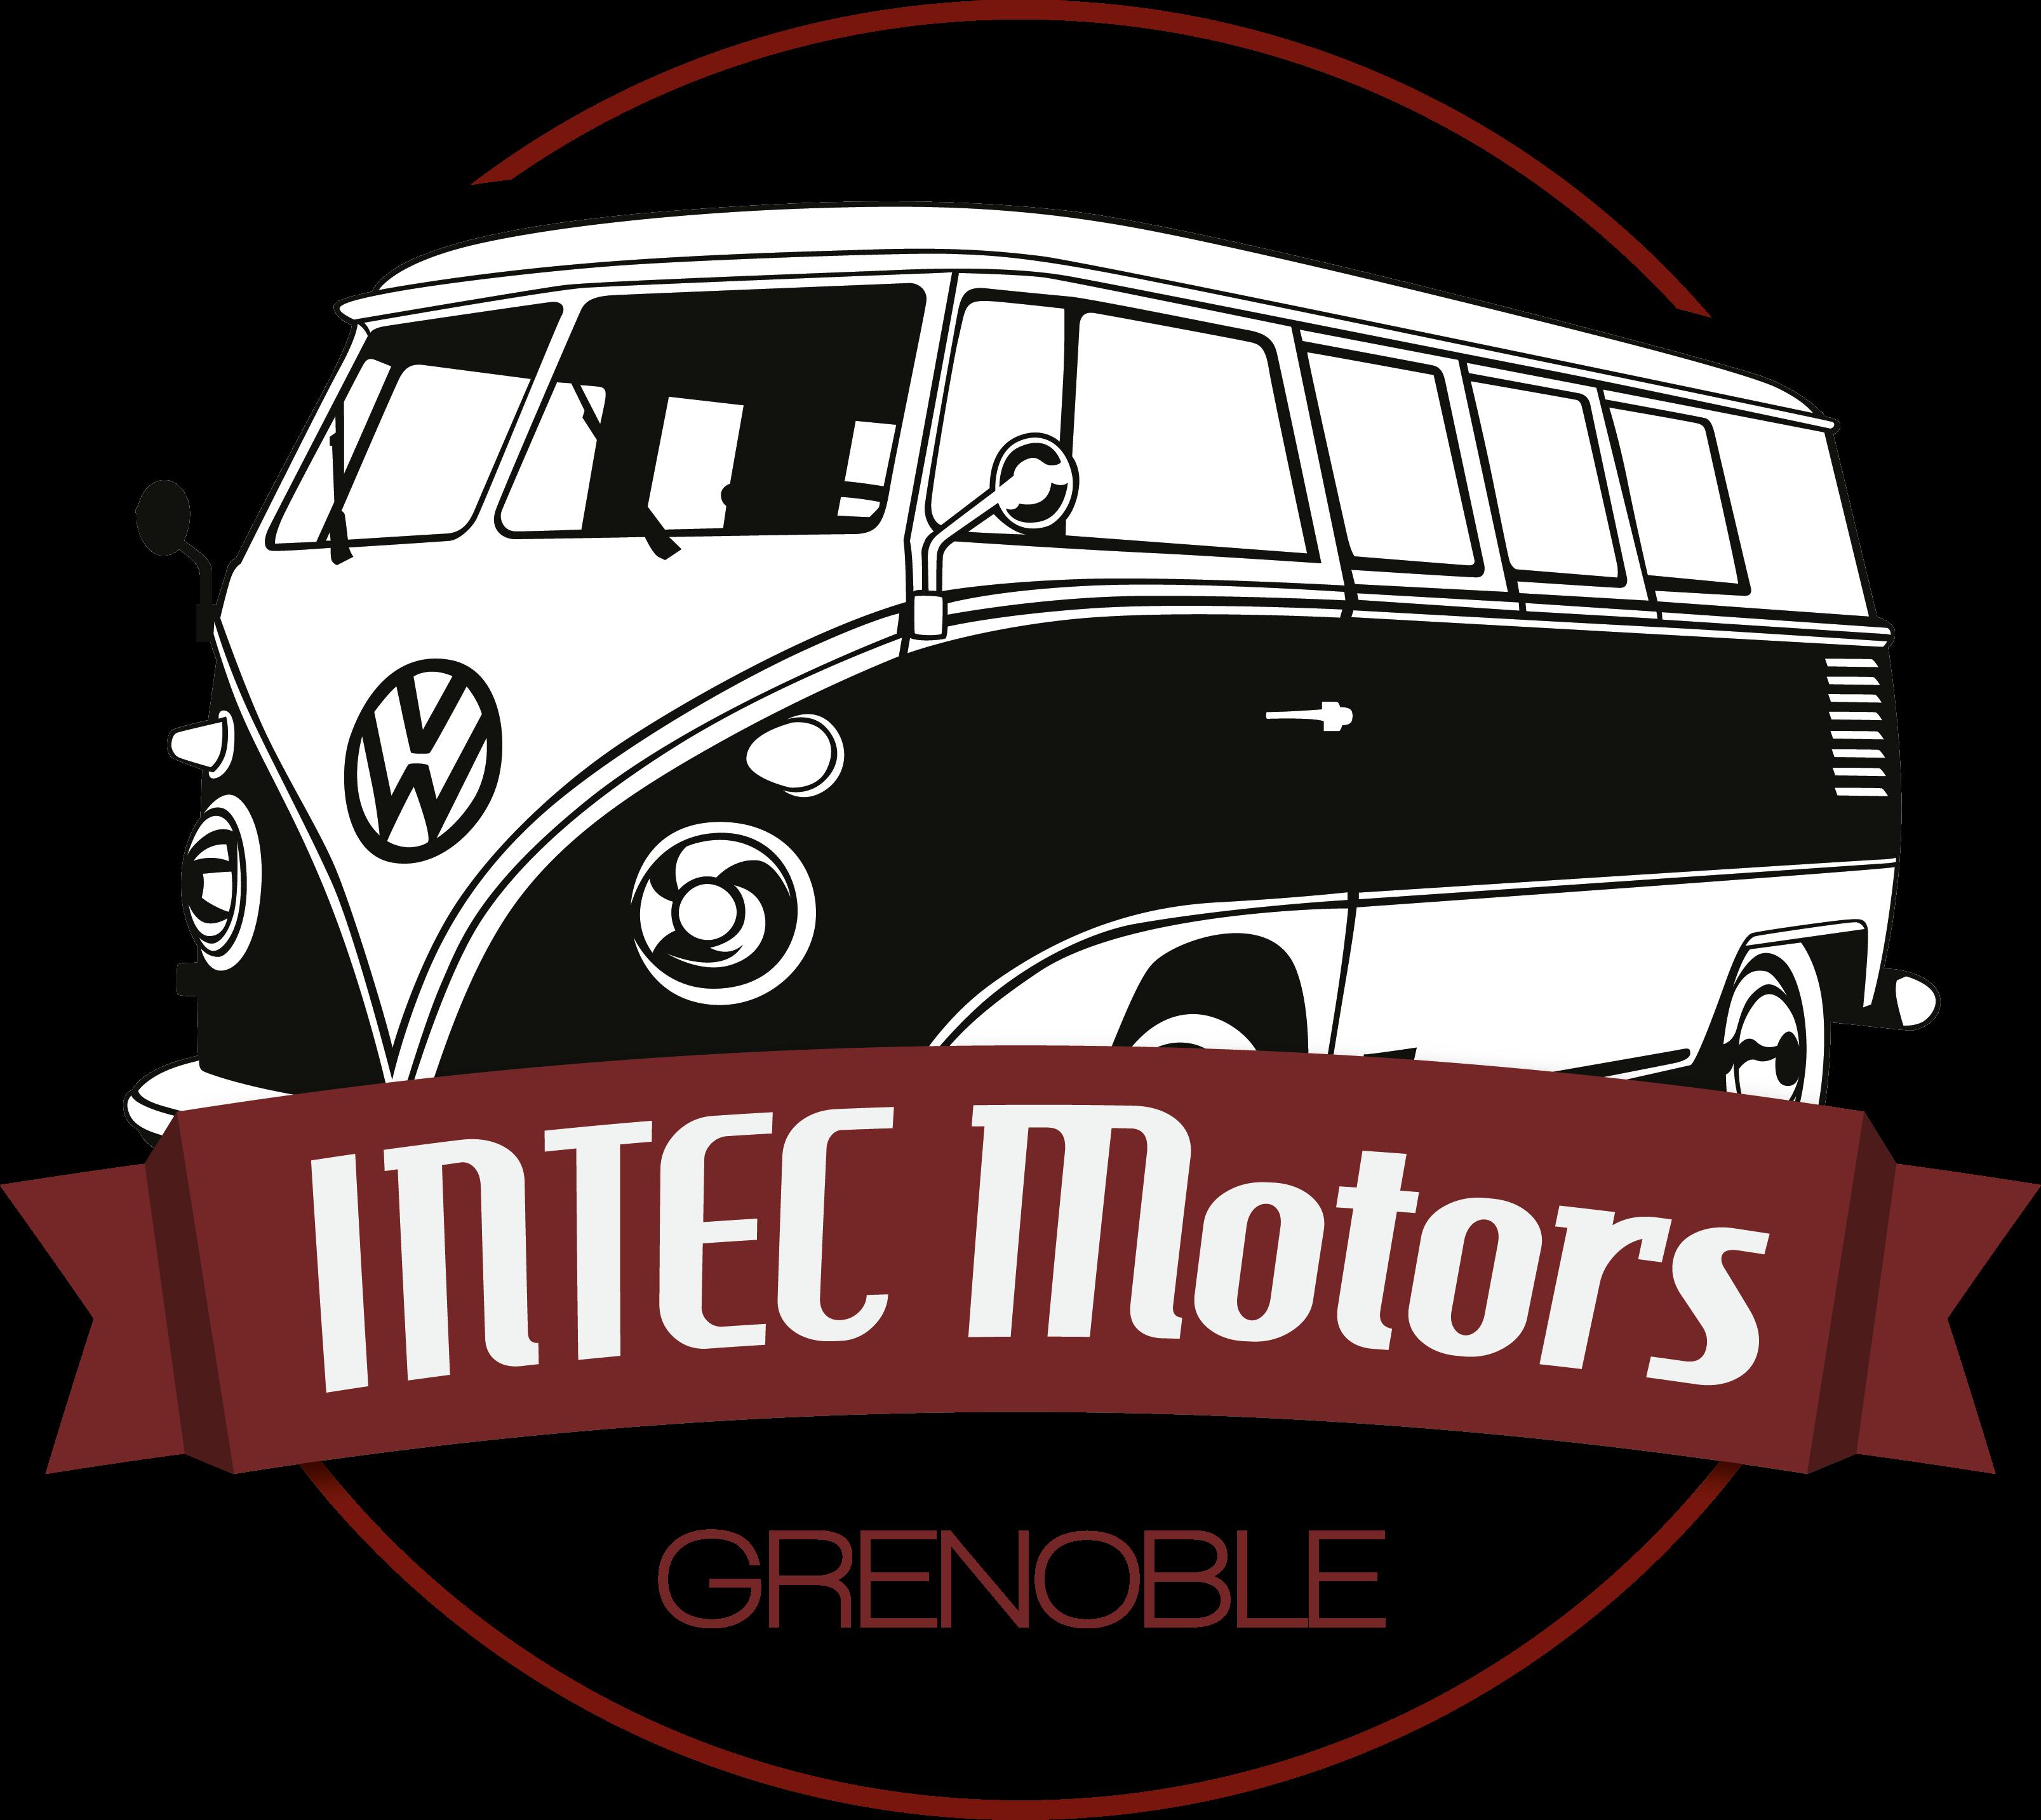 INTEC MOTORS